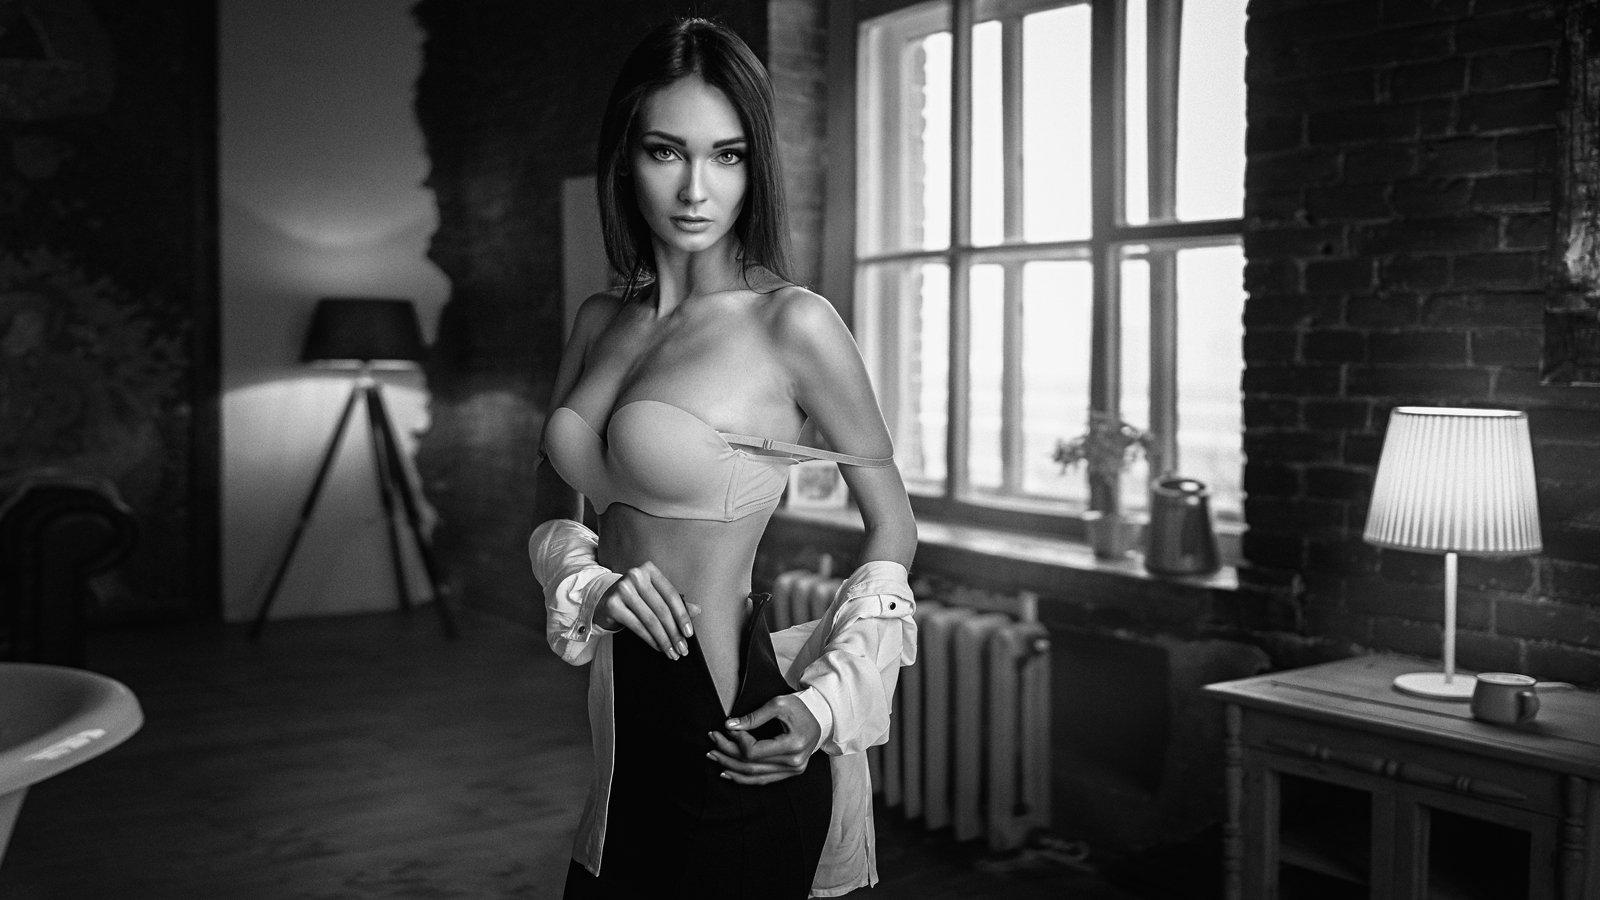 портрет, модель, portrait, model, гламур, Георгий Чернядьев